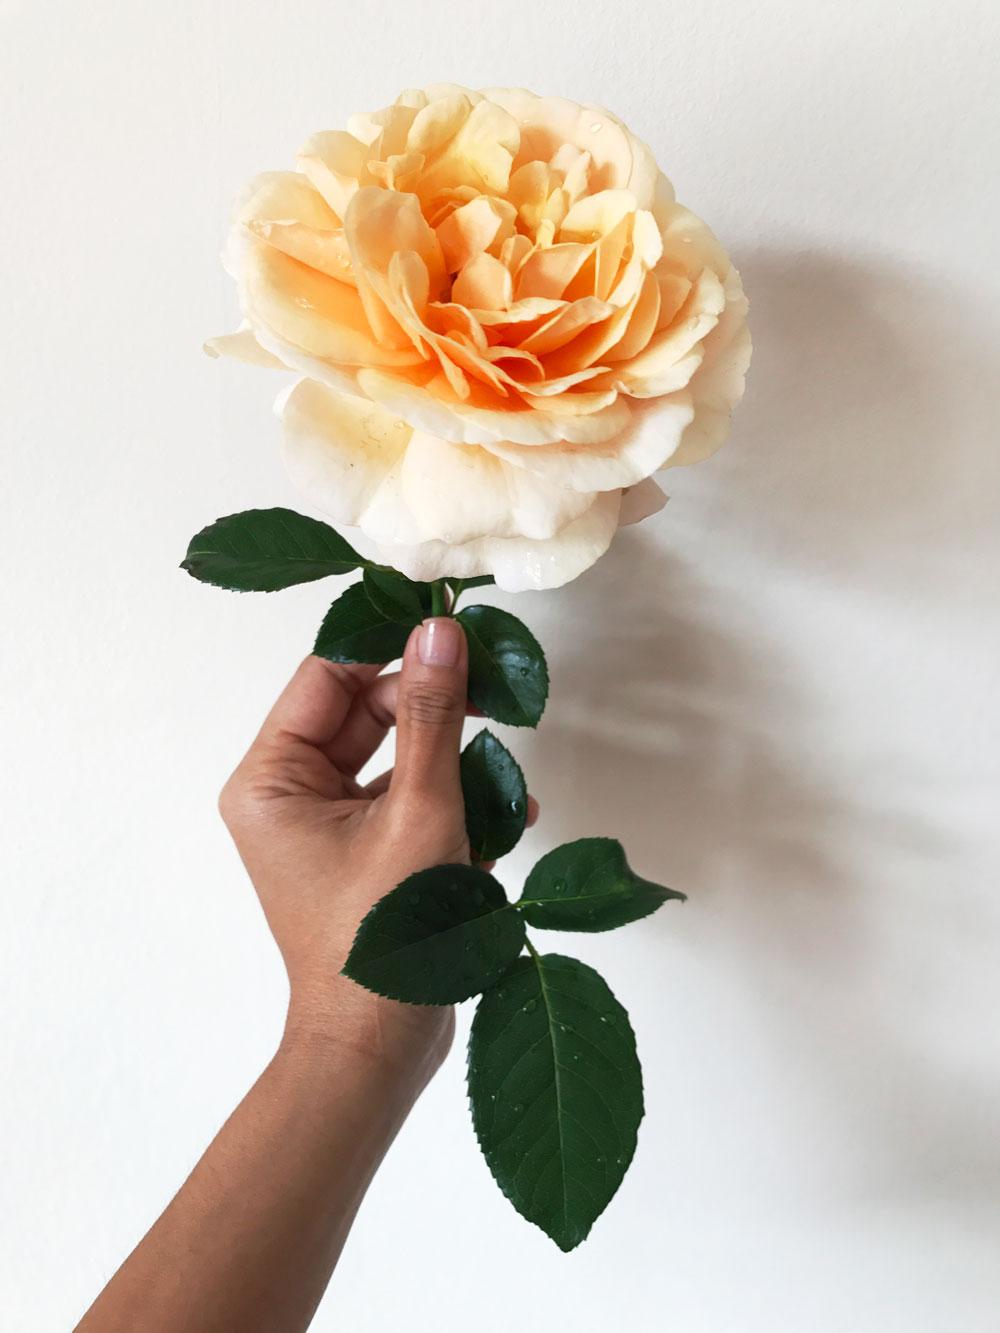 Simple Peach (Harkness Roses) from my balcony garden. Photo © Zarina Holmes